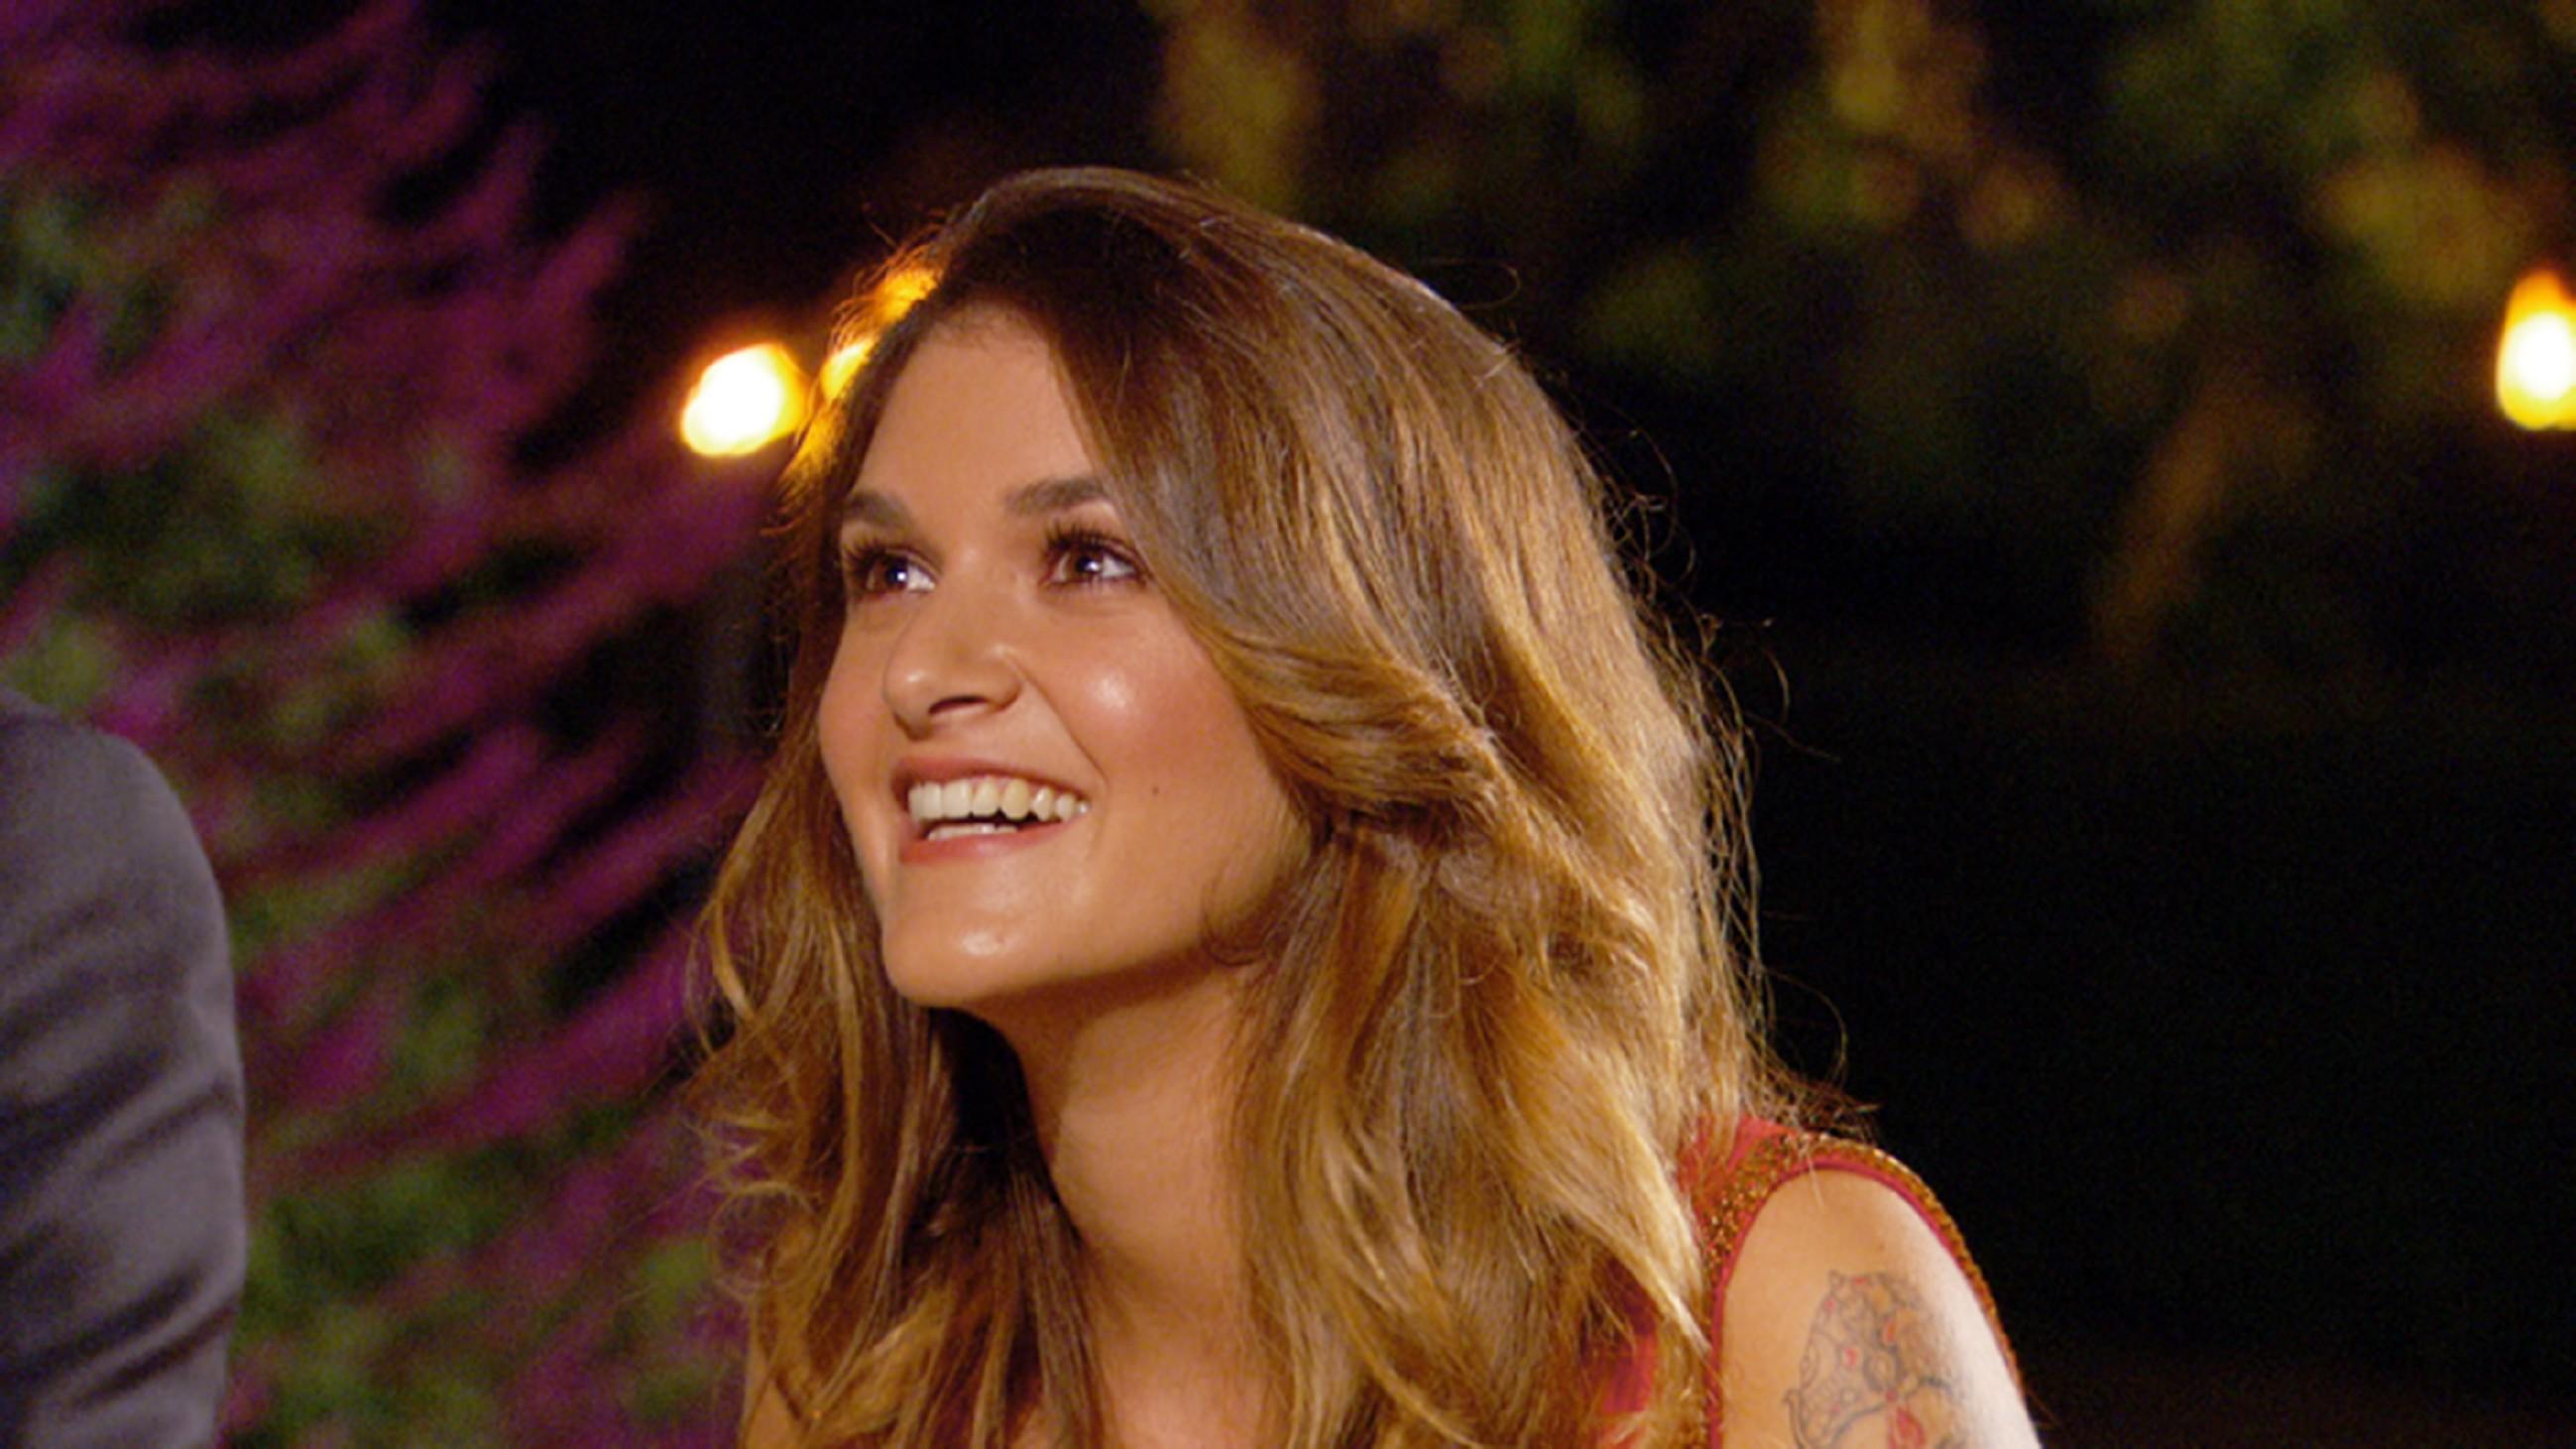 Der Bachelor 2015 - Folge 1 - Samira